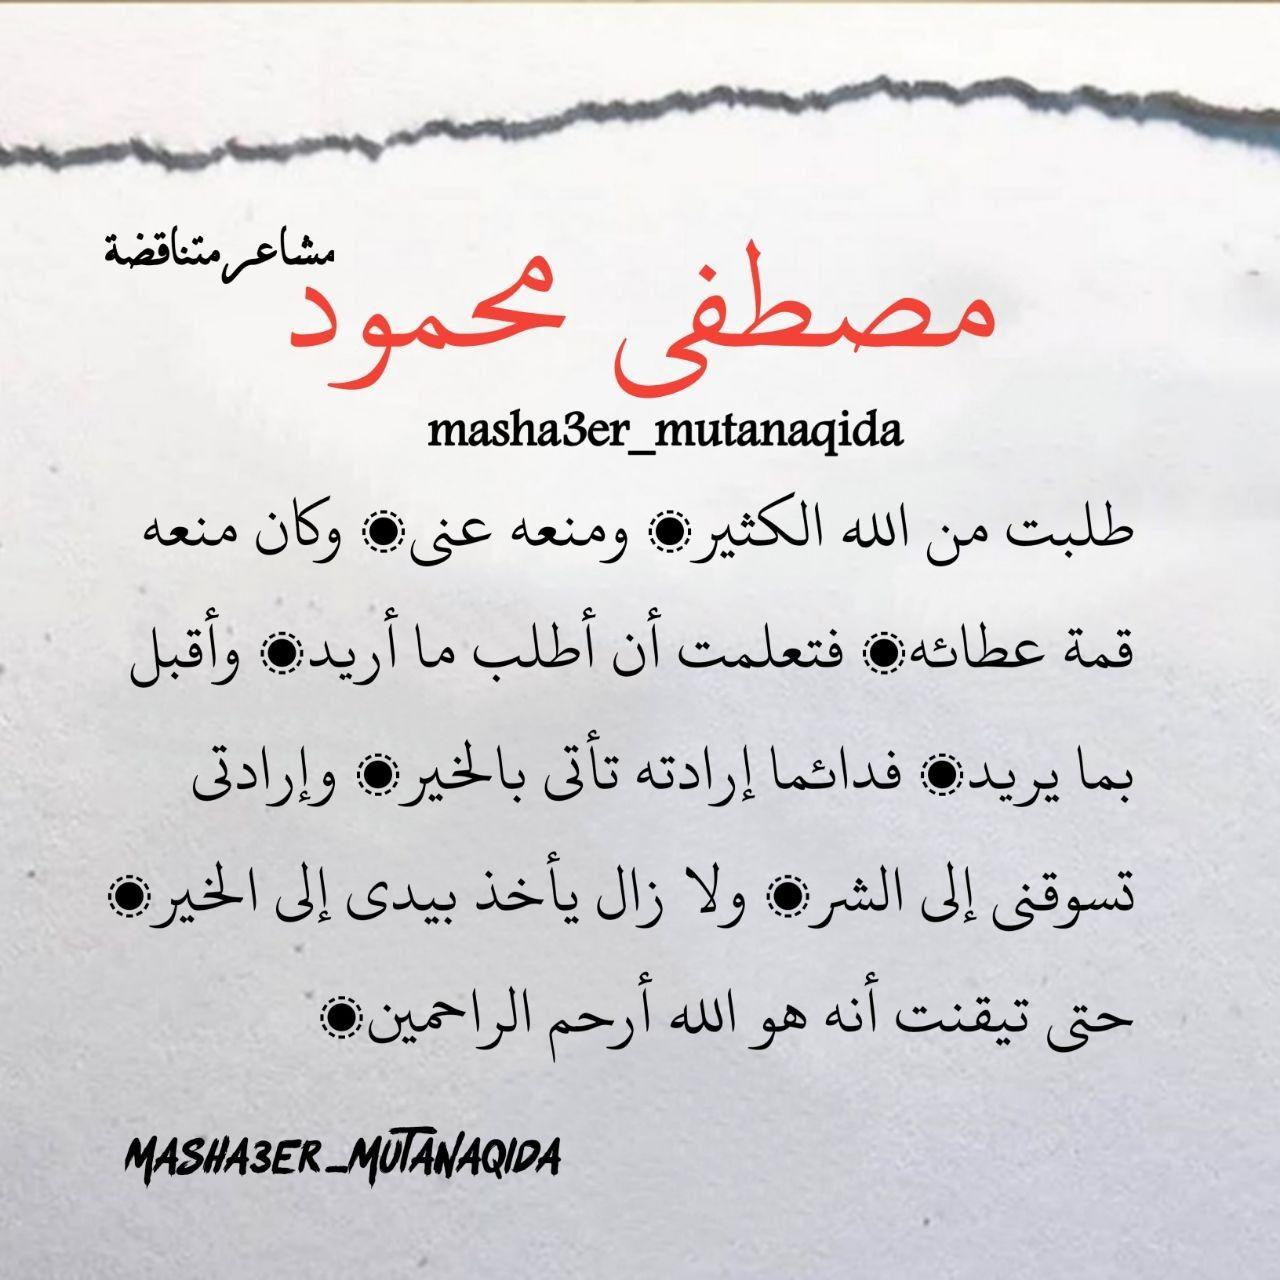 أنه هو الله ارحم الراحمين Arabic Calligraphy Instagram Calligraphy